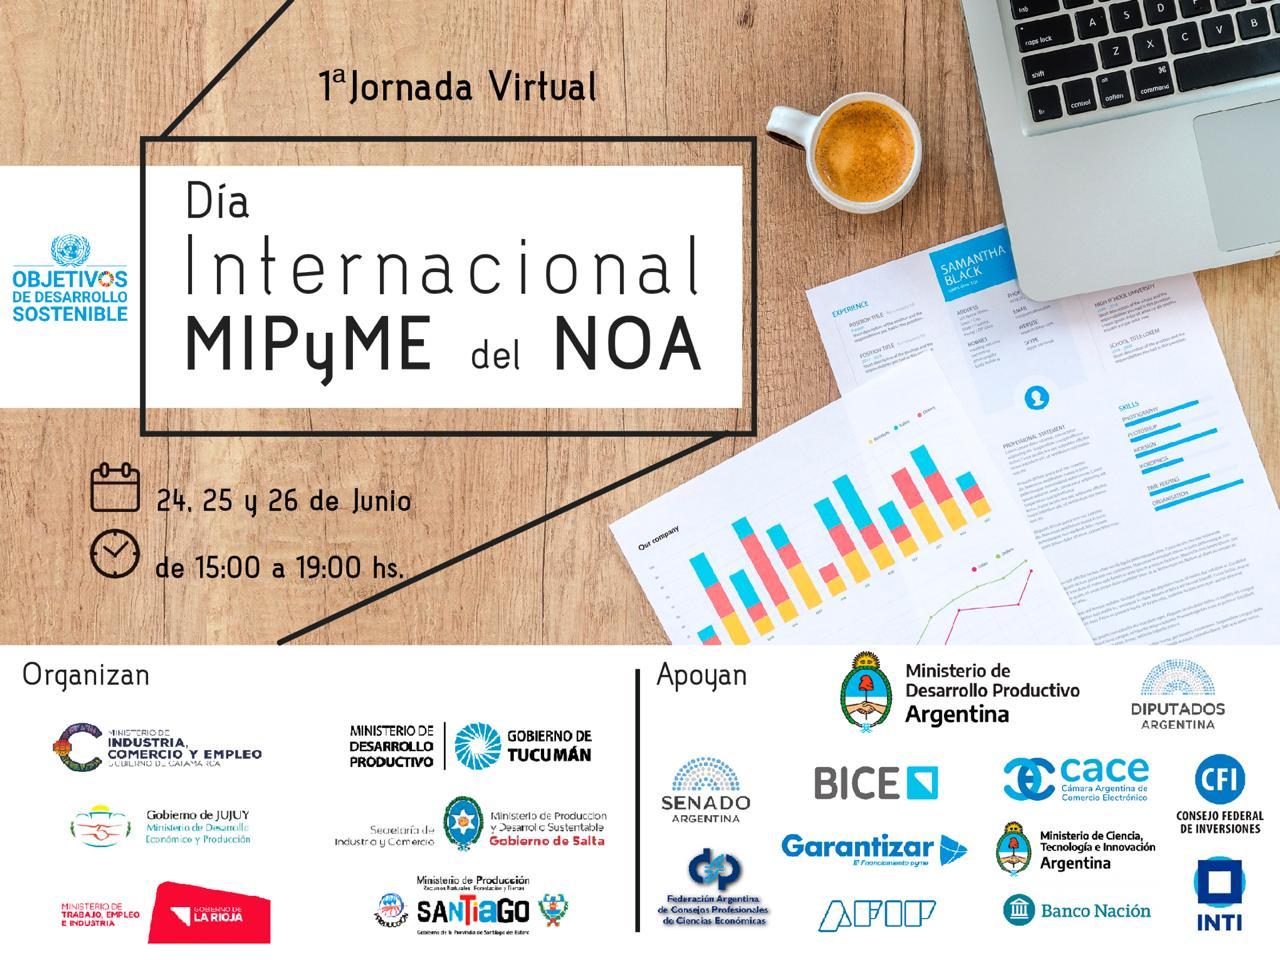 """1ª Jornada Virtual """"Día Internacional MiPyME del NOA"""""""